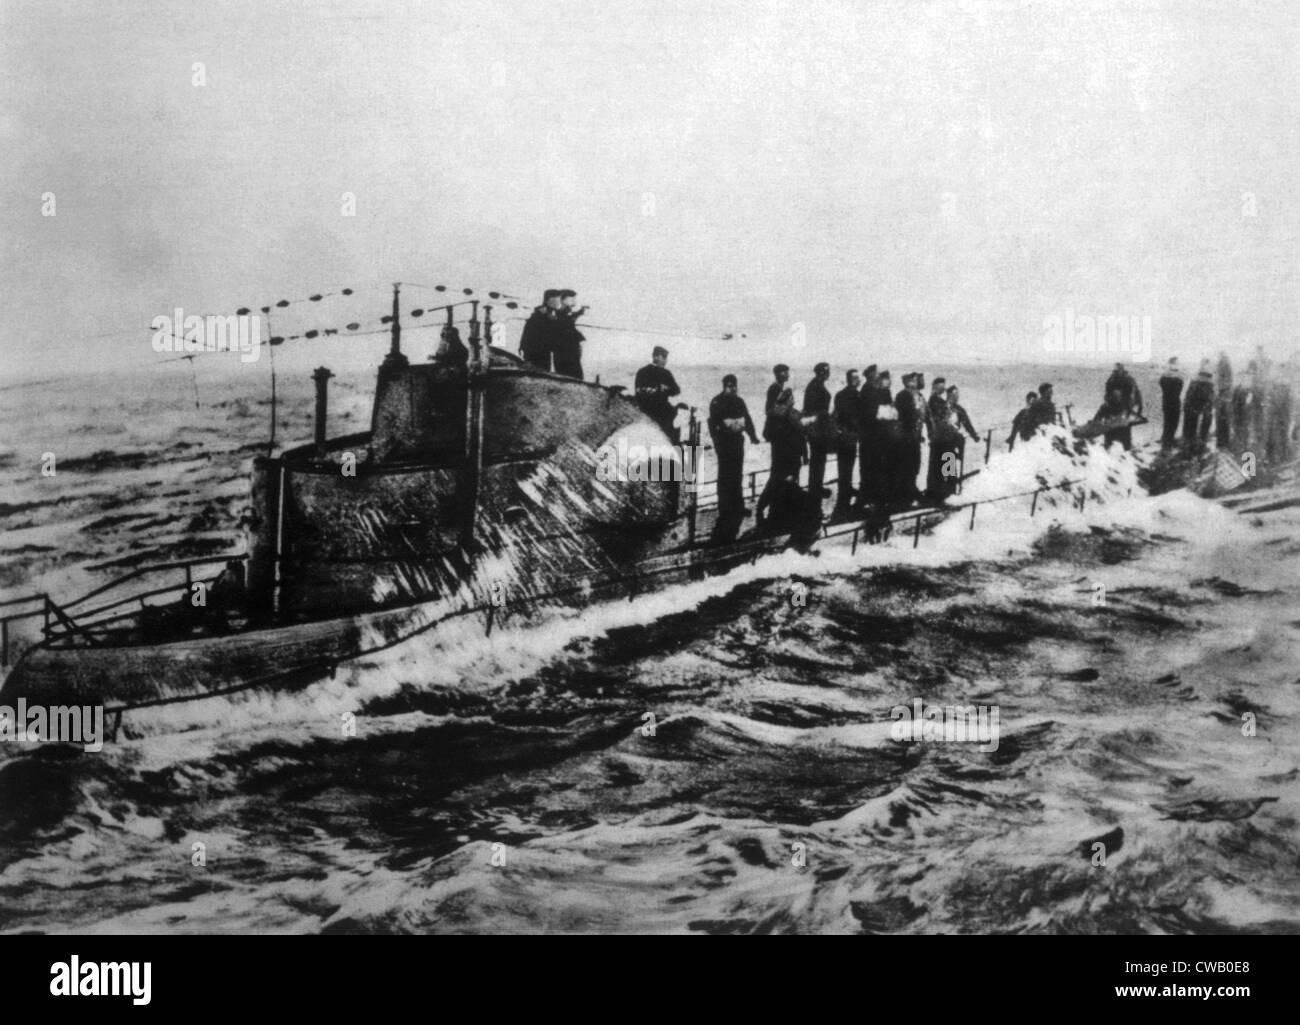 Weltkrieg, Besatzung des deutschen u-Boot-U-58 an Deck wie es ist von der amerikanischen Marine, US Navy Foto 1918 Stockbild